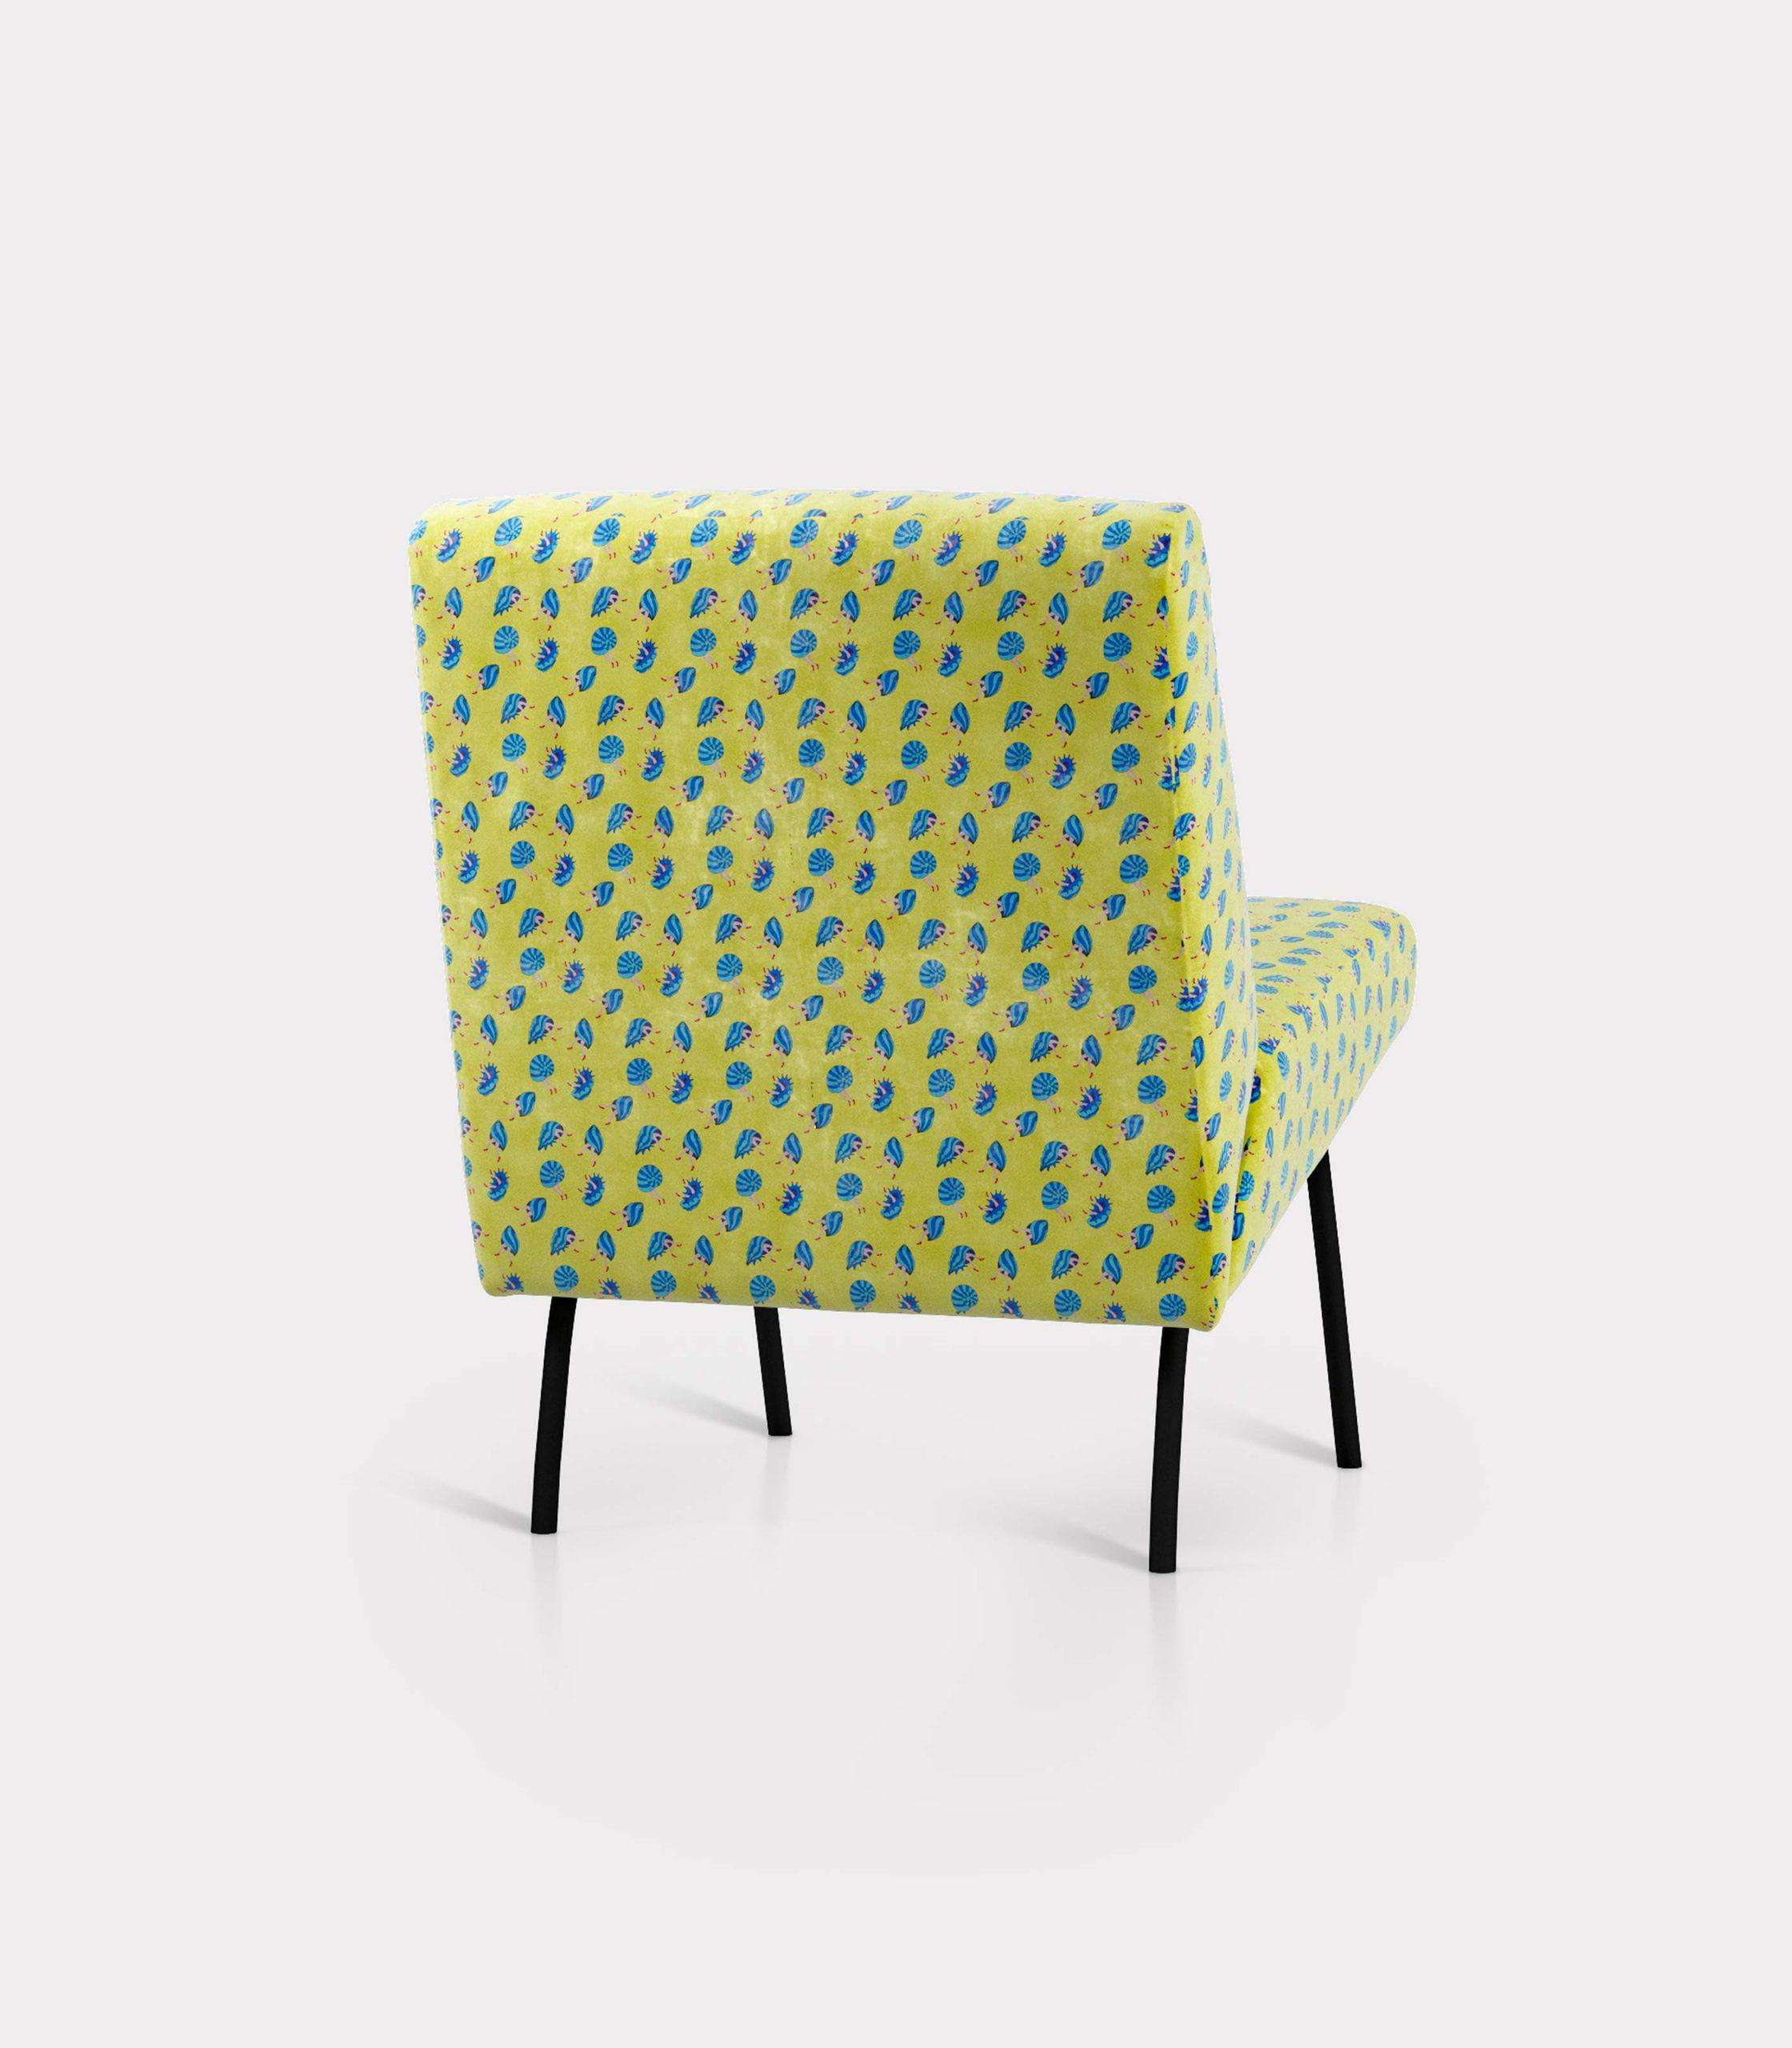 poltrona pattern conchiglie e gambe loopo milano design R